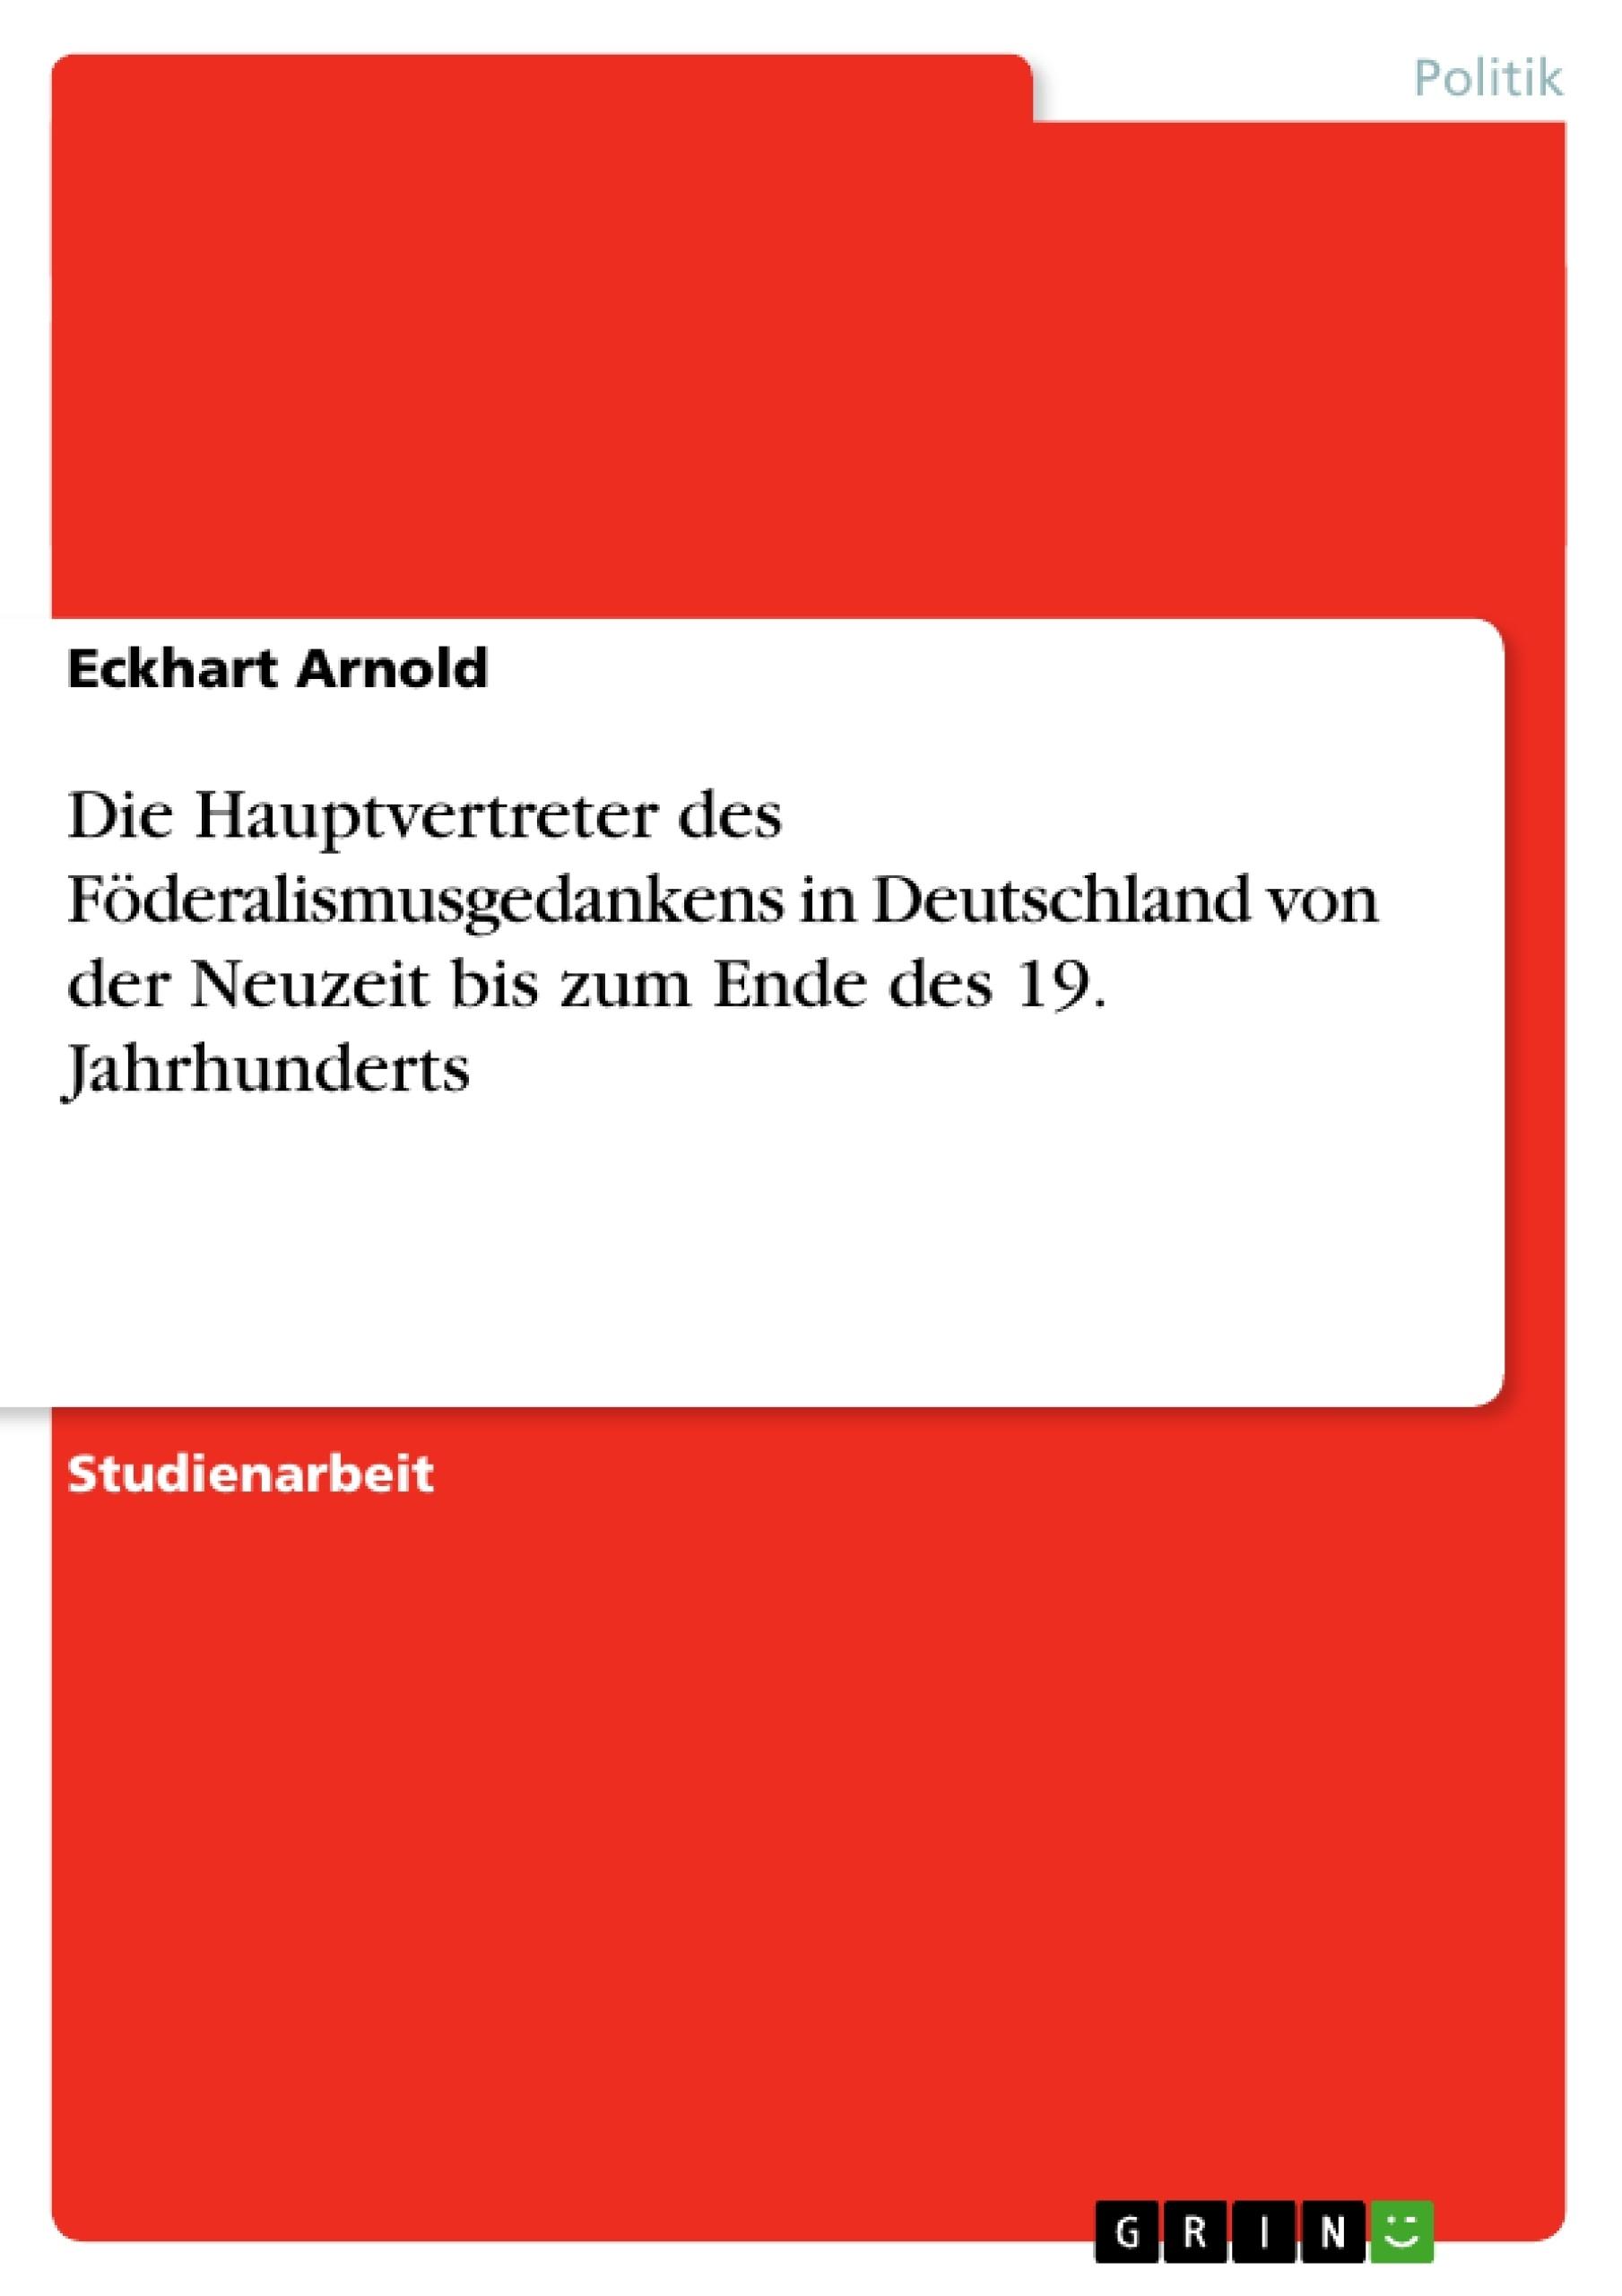 Titel: Die Hauptvertreter des Föderalismusgedankens in Deutschland von der Neuzeit bis zum Ende des 19. Jahrhunderts